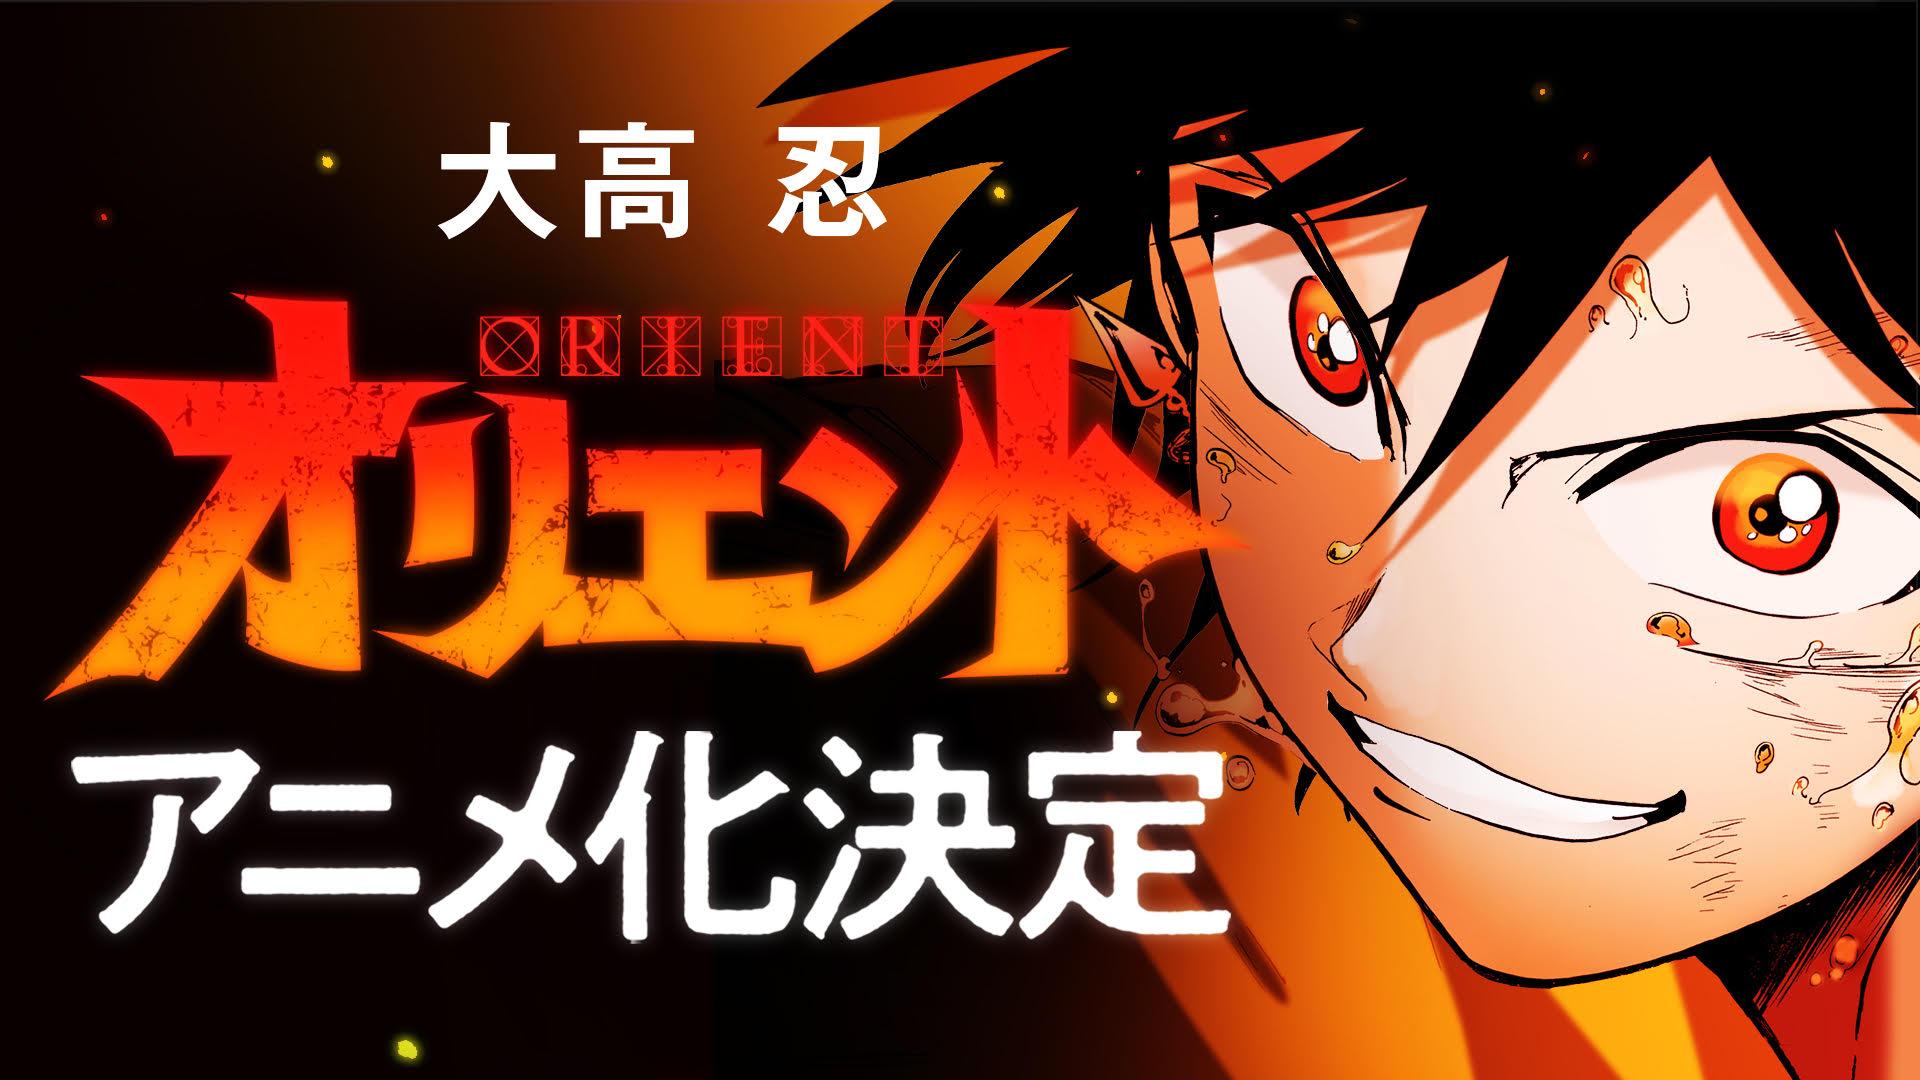 「マギ」などで知られる大高忍先生の最新作「オリエント」TVアニメ化決定!キャラクターボイスも聴けるCM公開